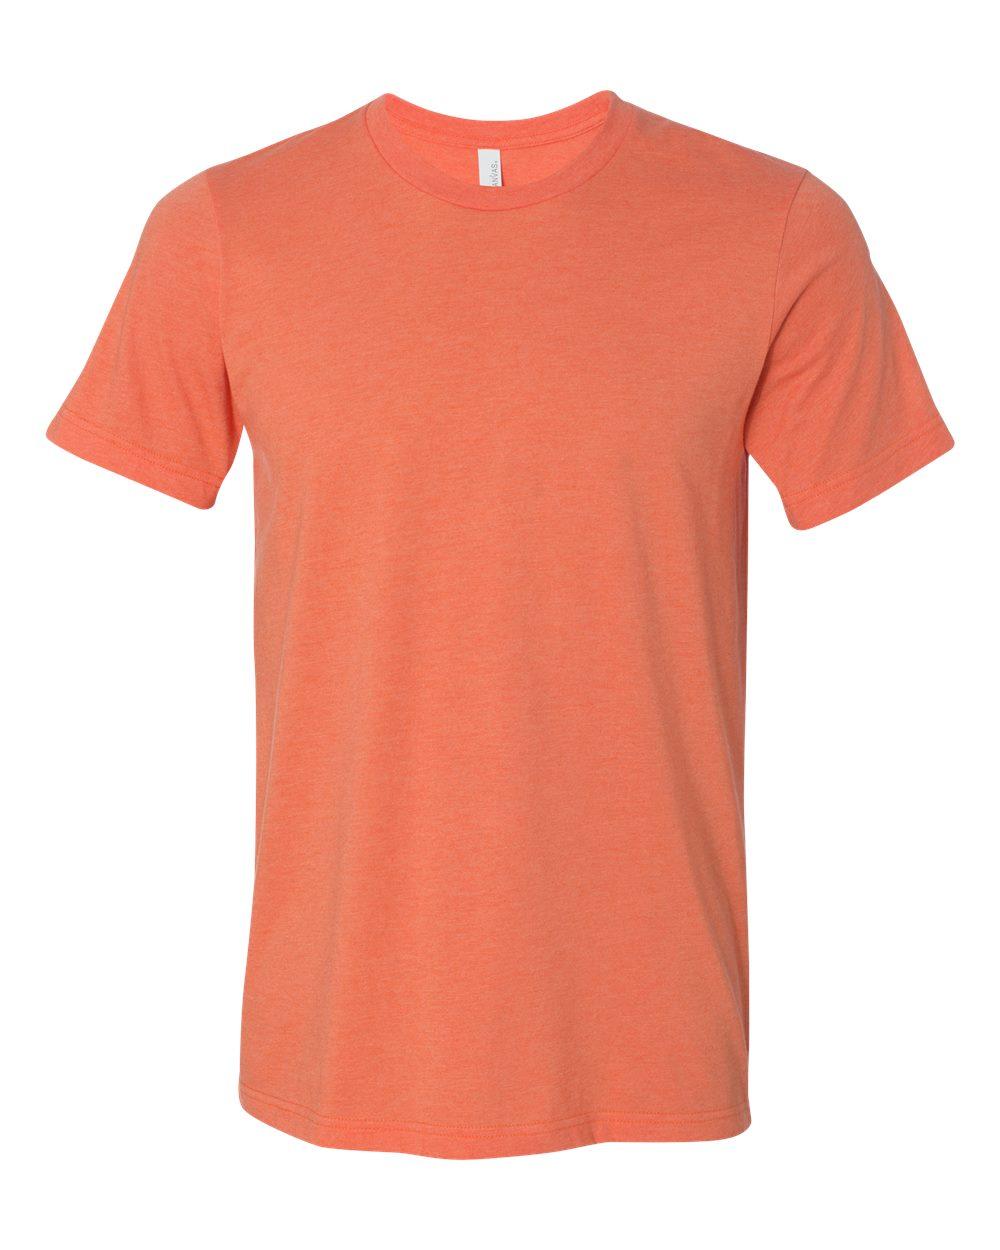 click to view Heather Orange